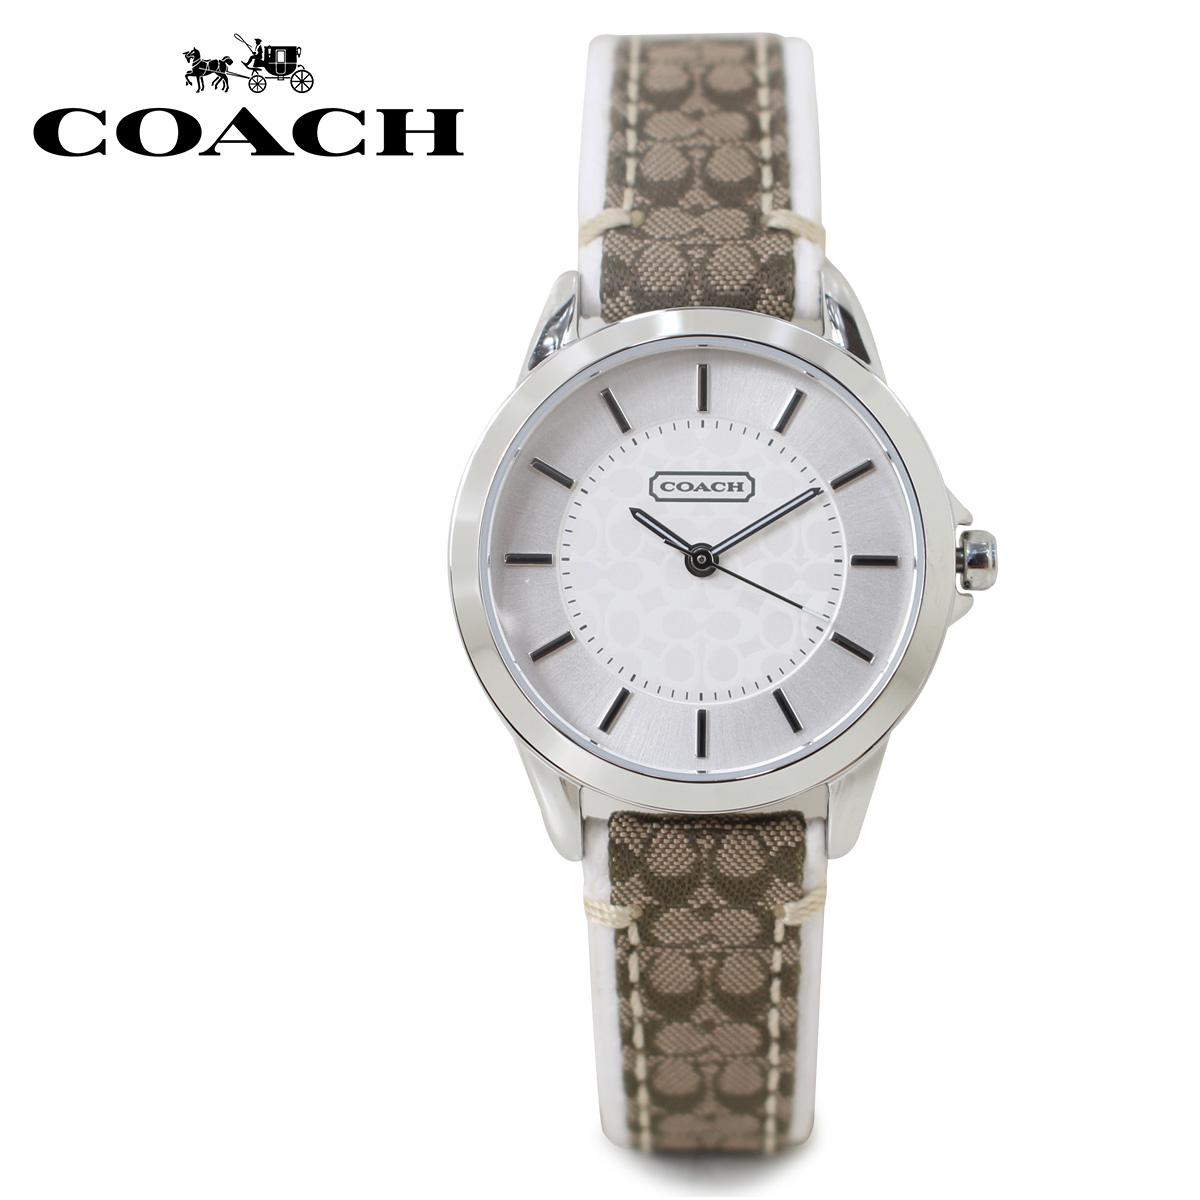 COACH 14501526 コーチ 腕時計 レディース シグネチャー レザー ブラウン